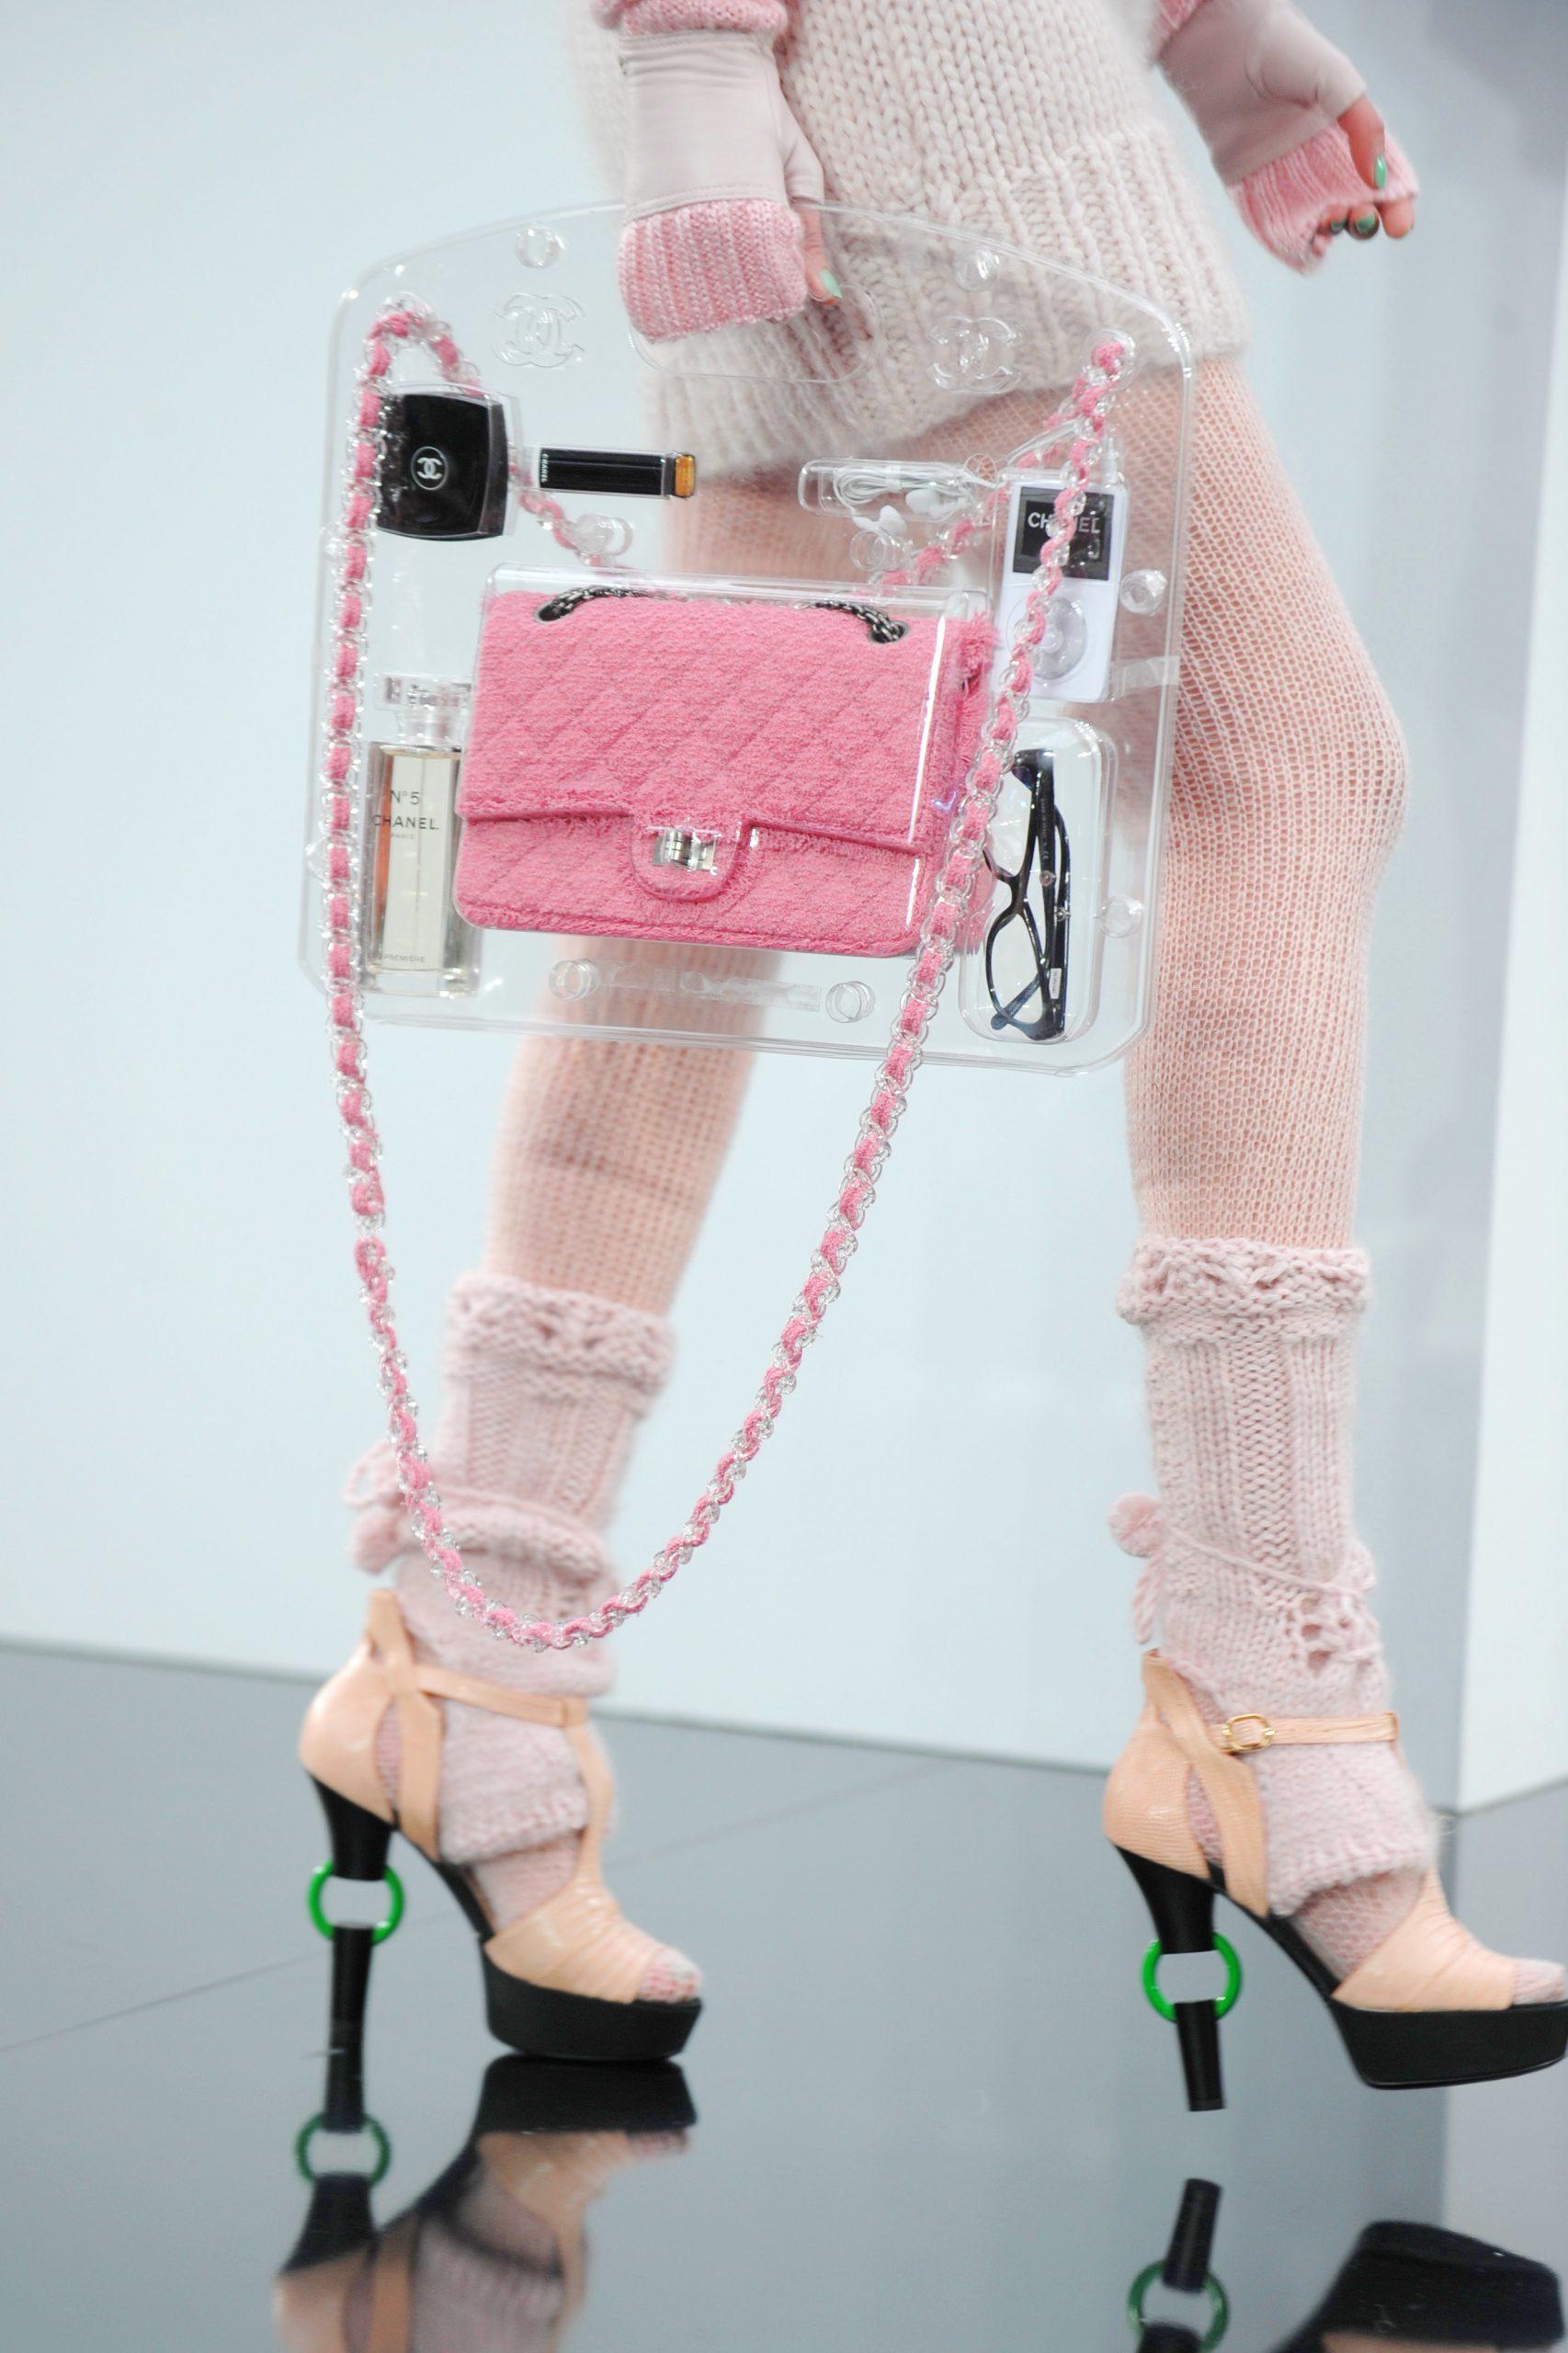 4. kép: 2009-es ready to wear kollekció kiegészítője volt ez a táska